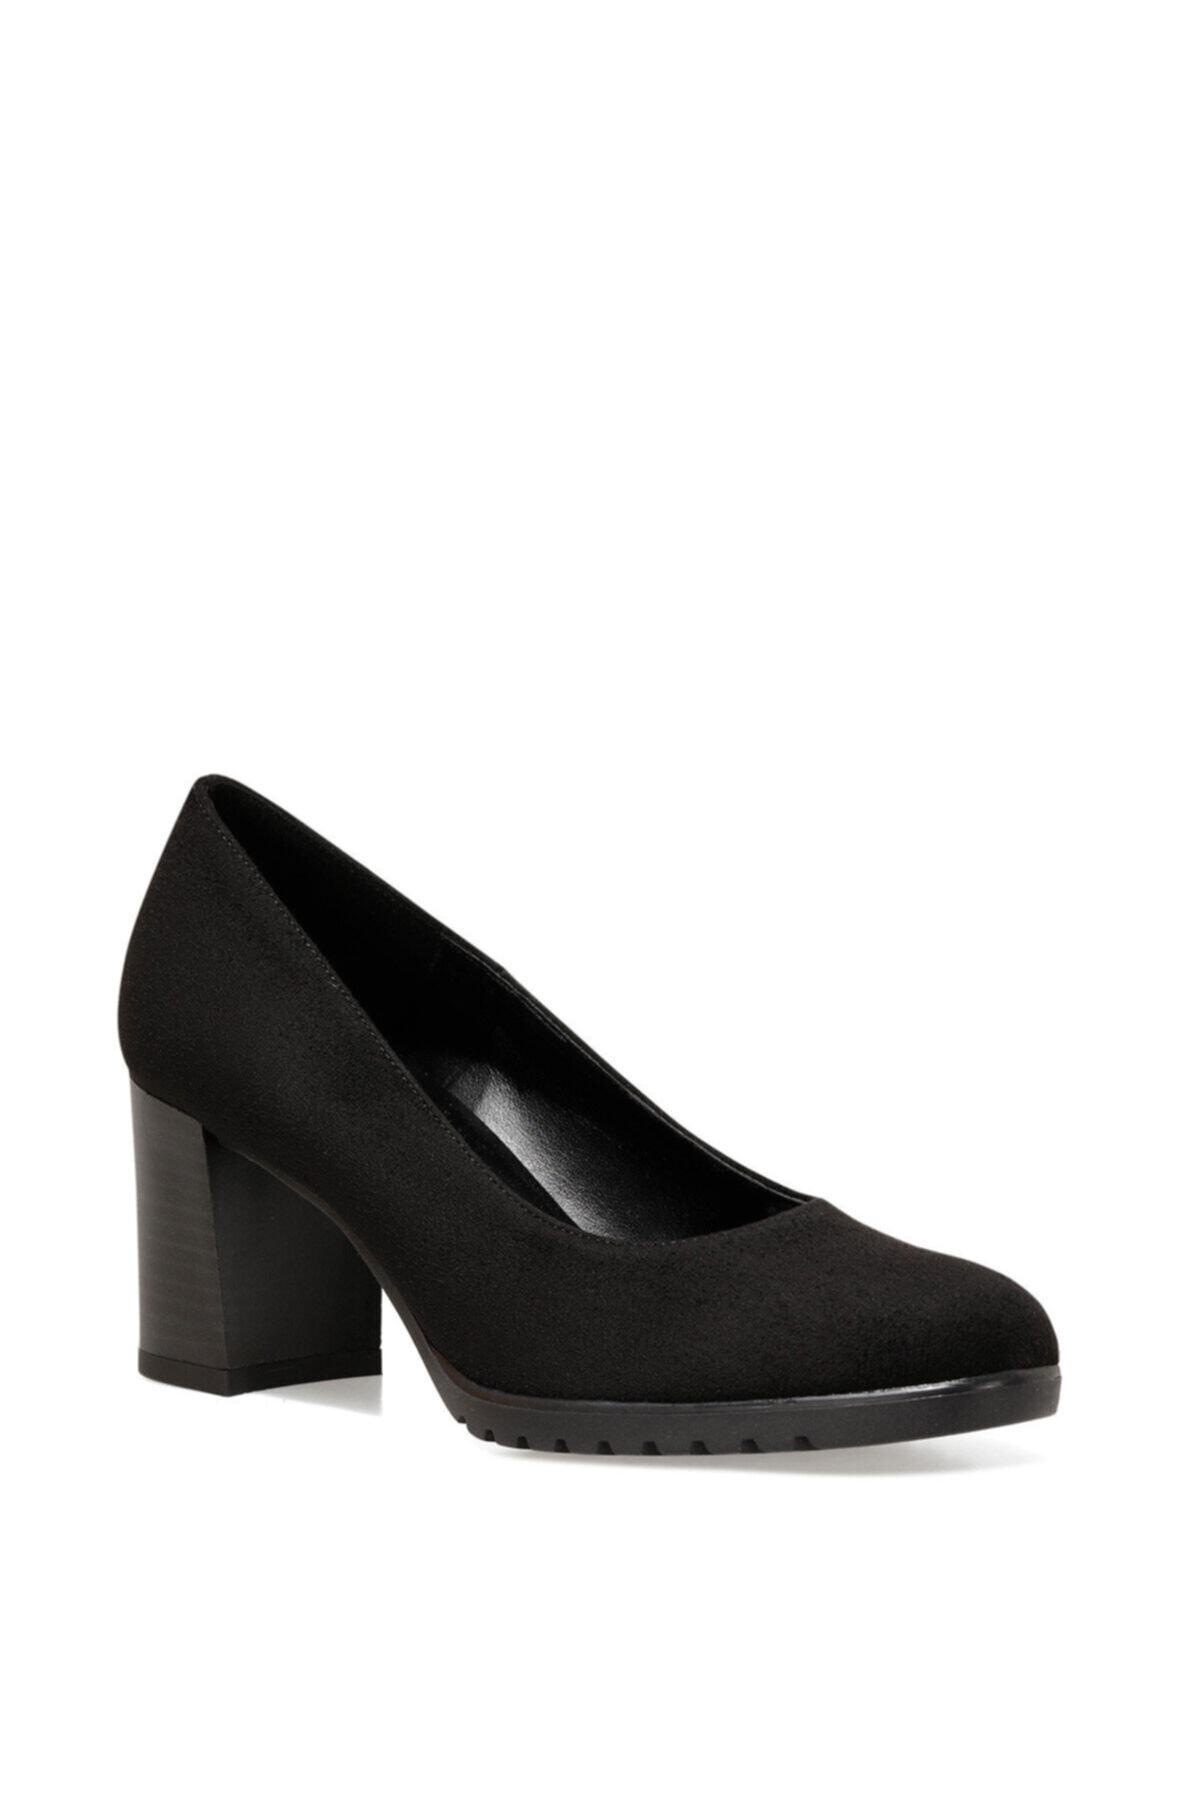 Nine West PVENS Siyah Kadın Ayakkabı 100664049 2